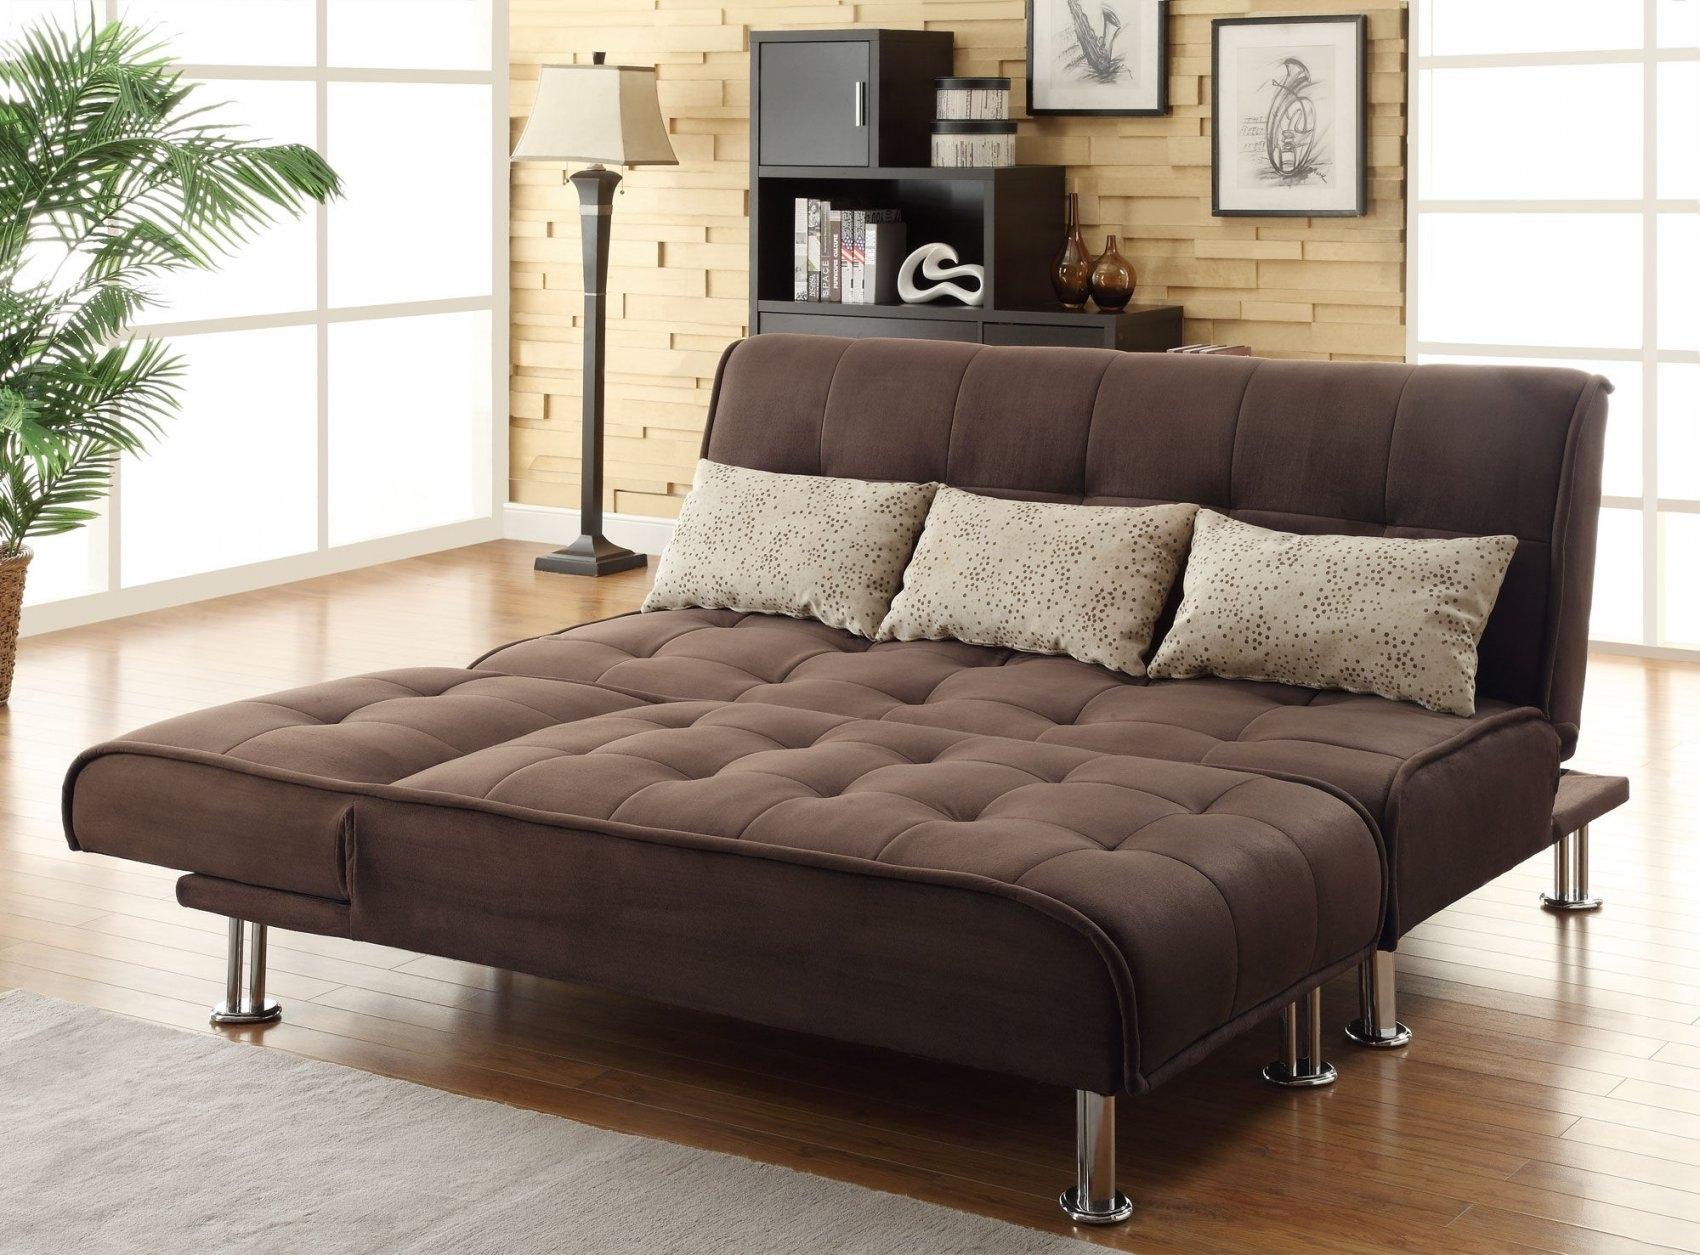 Queen Size Sofa Sleeper Best Living Room Decorating With Regard To With Regard To Queen Size Sofas (View 3 of 10)